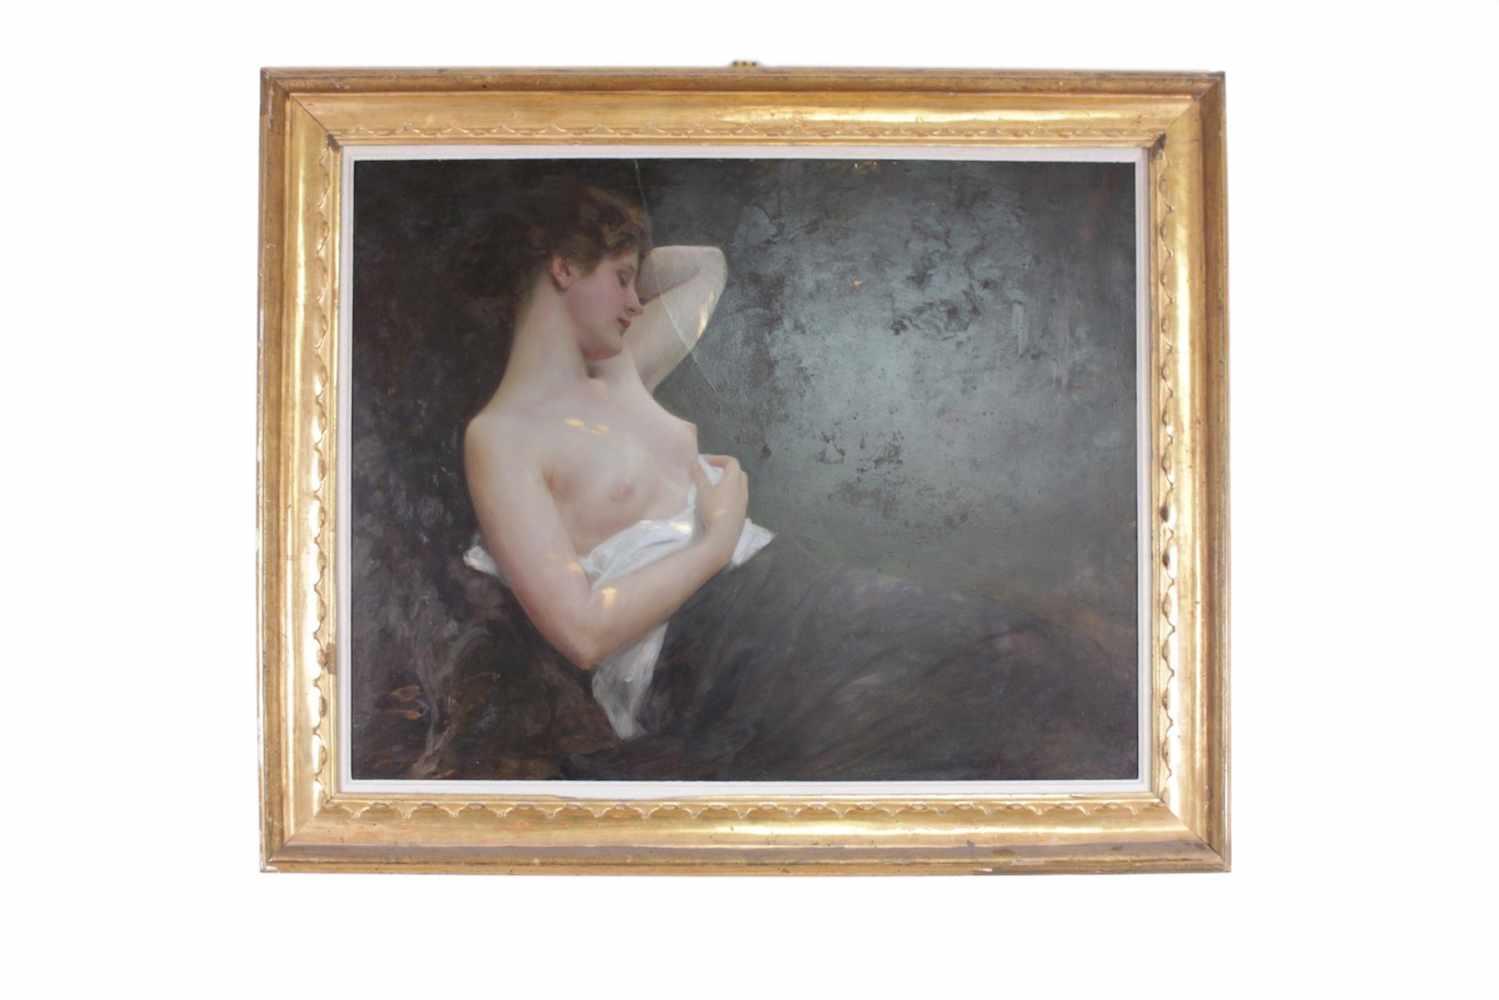 BILDNIS EINER NACKTEN DAME Albert Ritzberger (1853 - 1915), Öl auf Holz, 98 x 78 cm, in